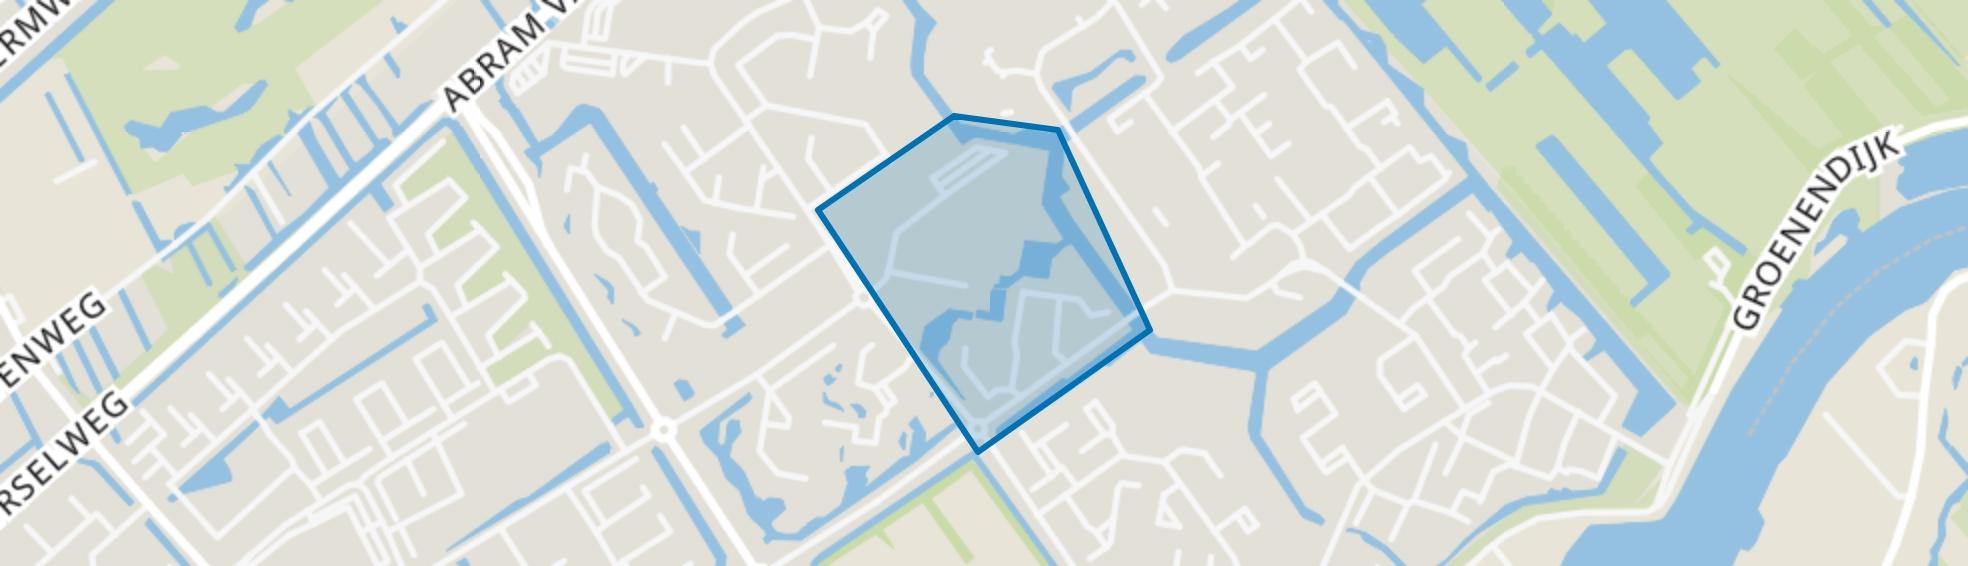 Diepenbuurt, Capelle aan den IJssel map